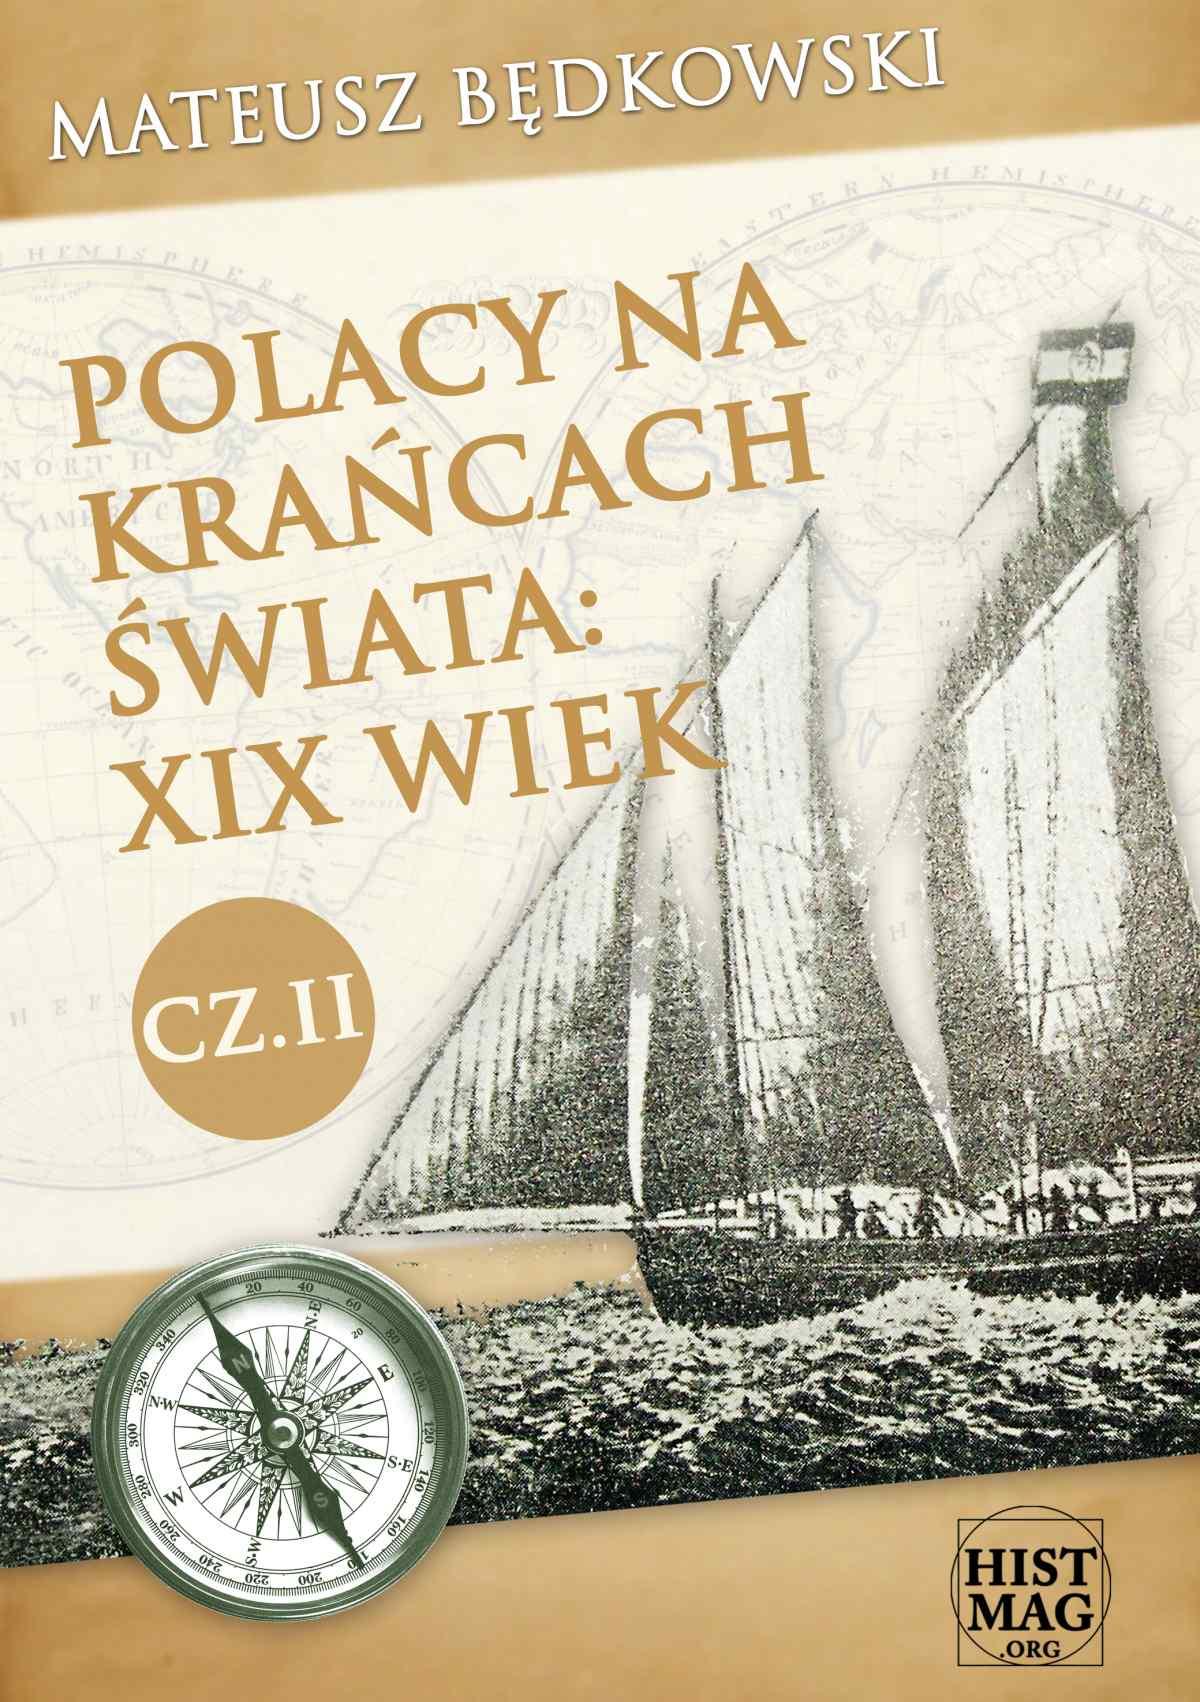 Polacy na krańcach świata: XIX wiek. Część II - Ebook (Książka EPUB) do pobrania w formacie EPUB